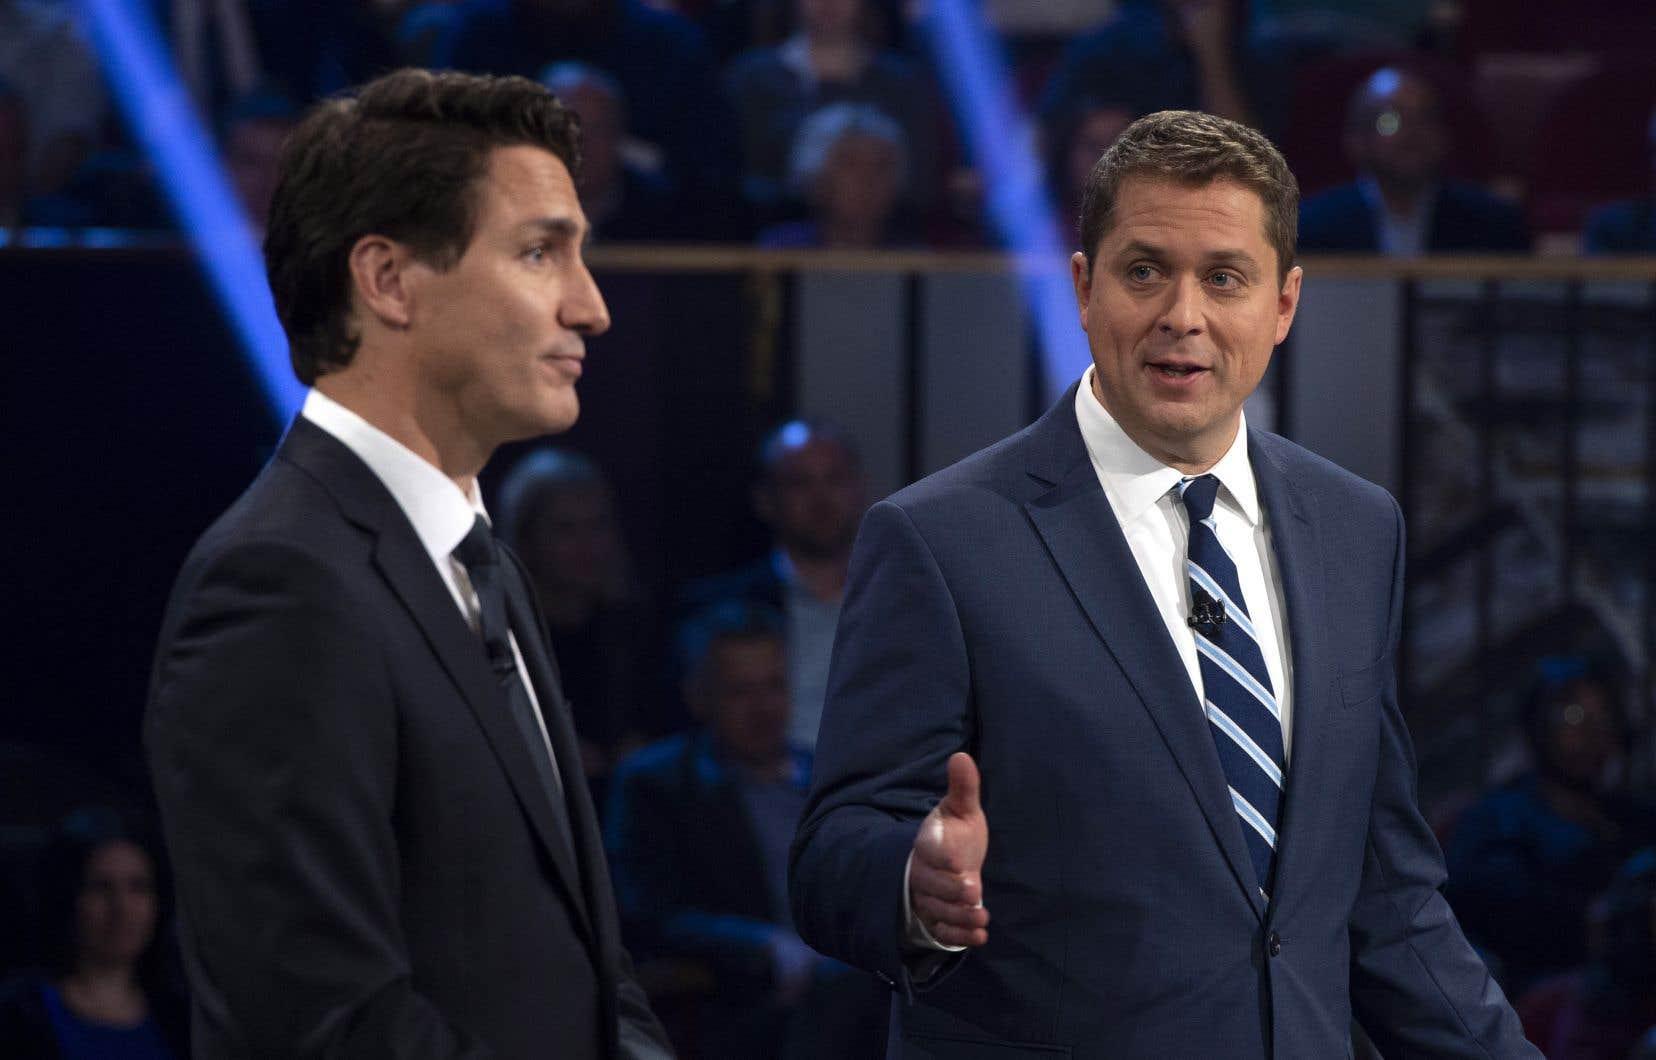 Le chef conservateur aurait voulu avoir plus d'occasions de confronter directement le chef libéral lors du débat de lundi.